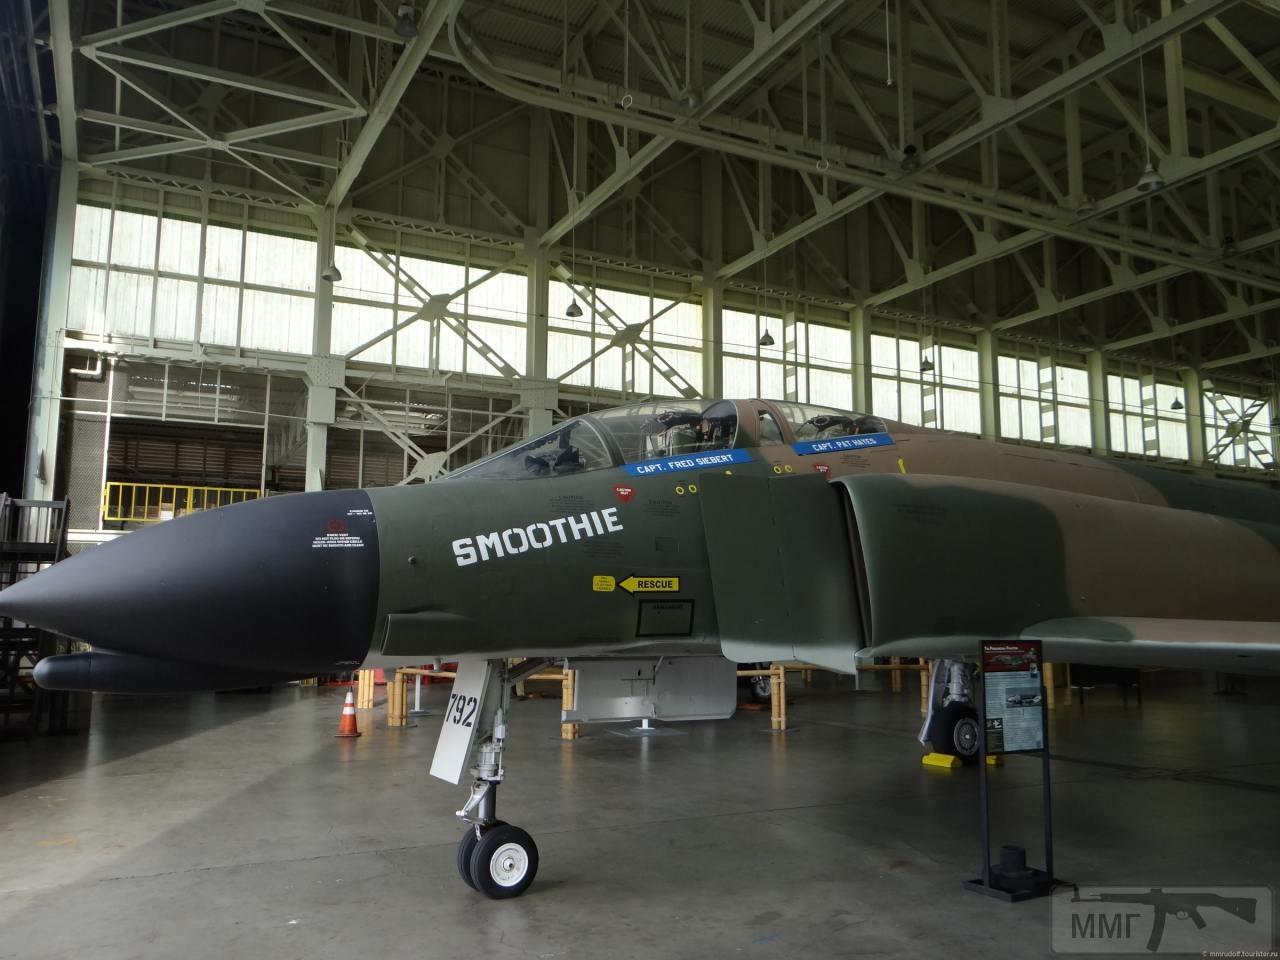 32000 - Тихоокеанский музей авиации «Пёрл-Харбор», Гонолулу